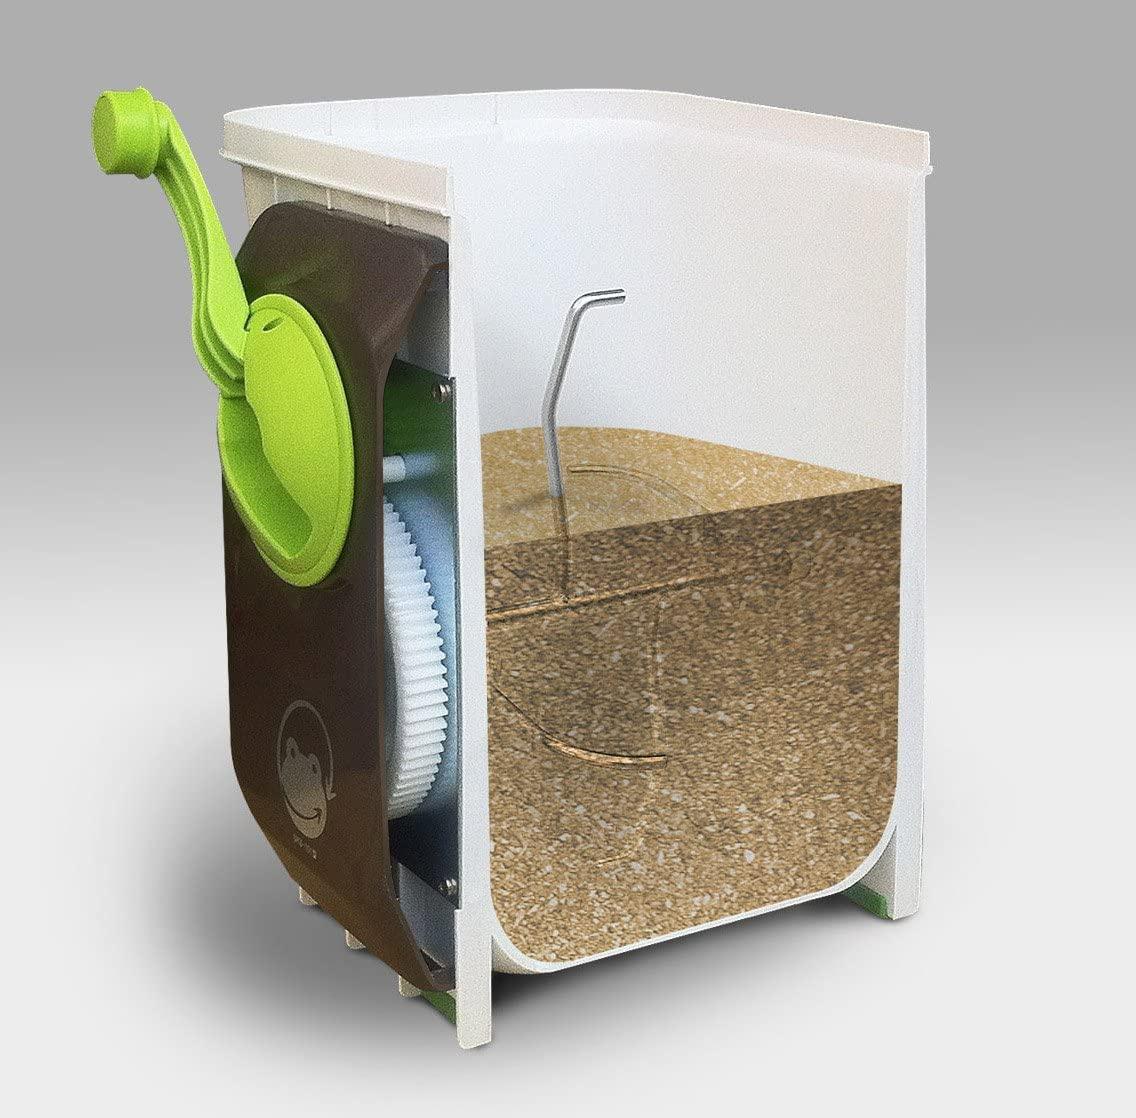 エコ・クリーン 自然にカエルS 基本セット SKS-301の商品画像4